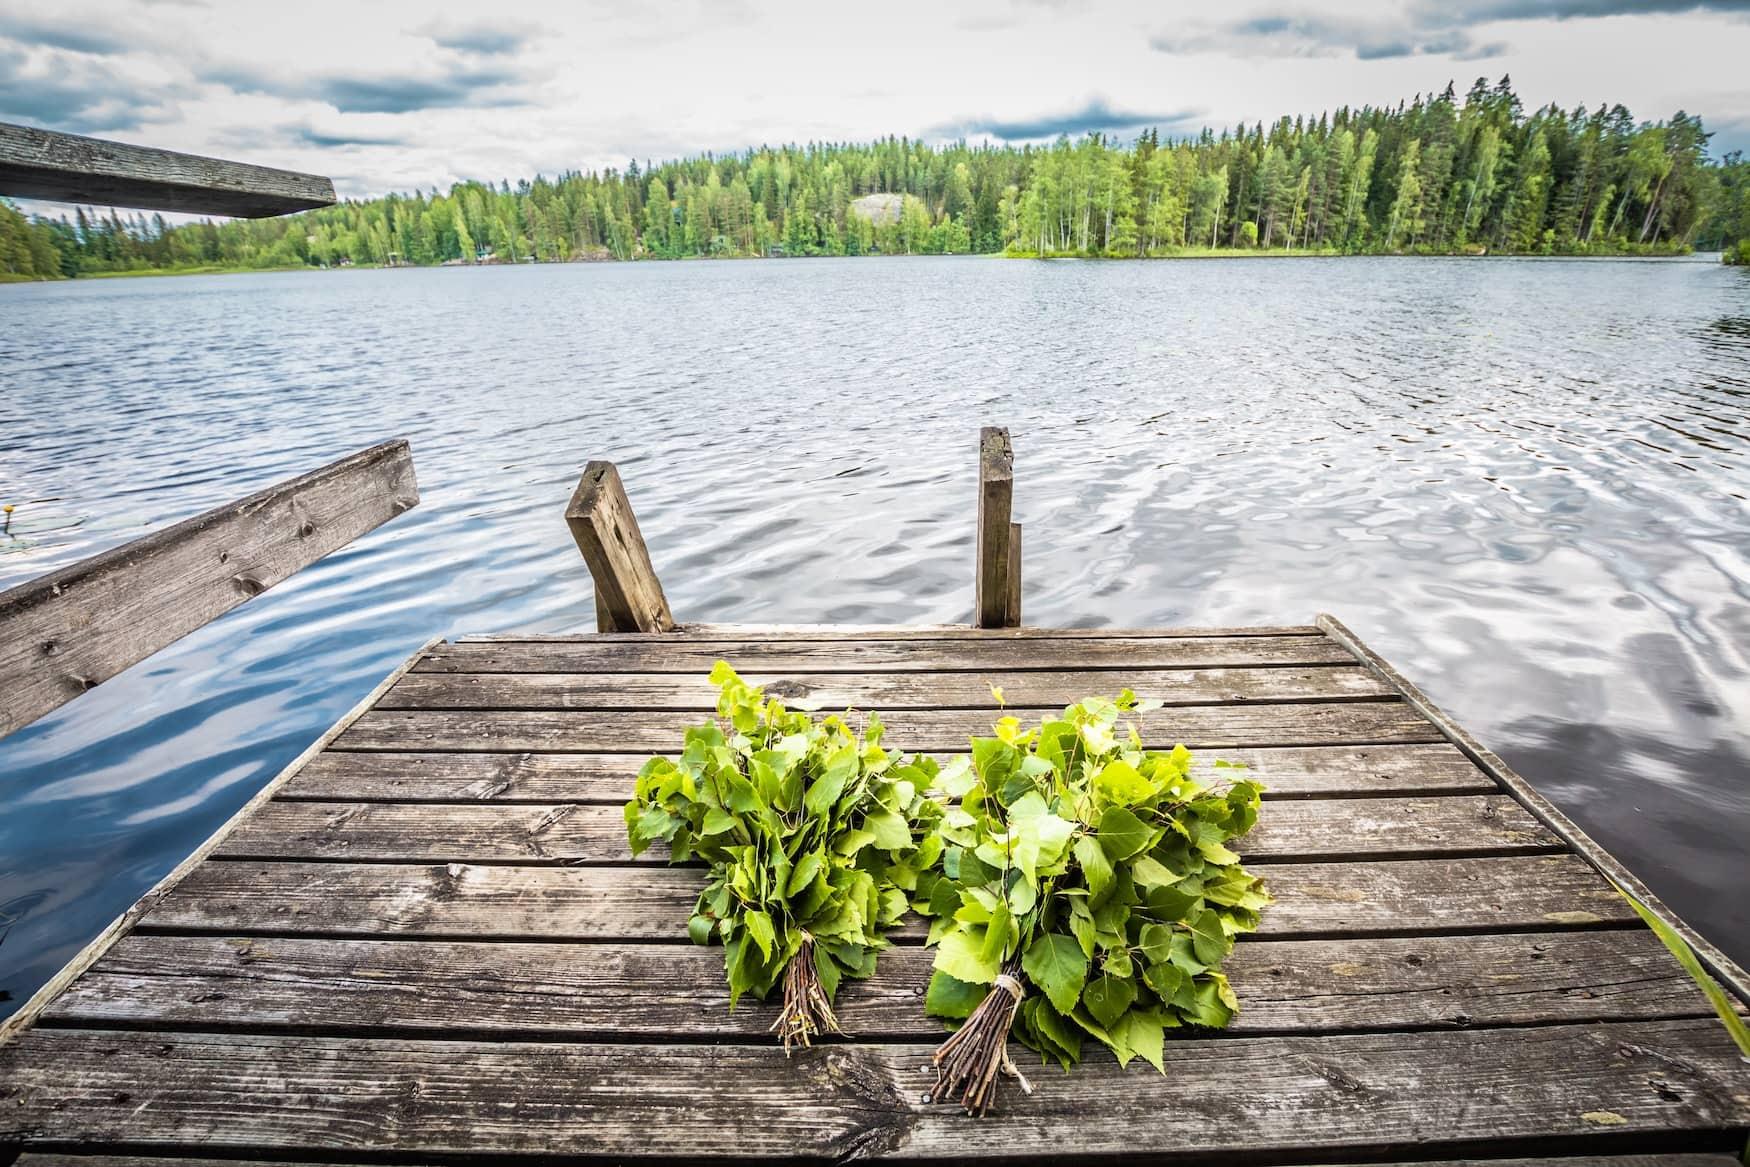 Steg an einem See in Finnland, in den die Finnen nach dem Saunagang springen